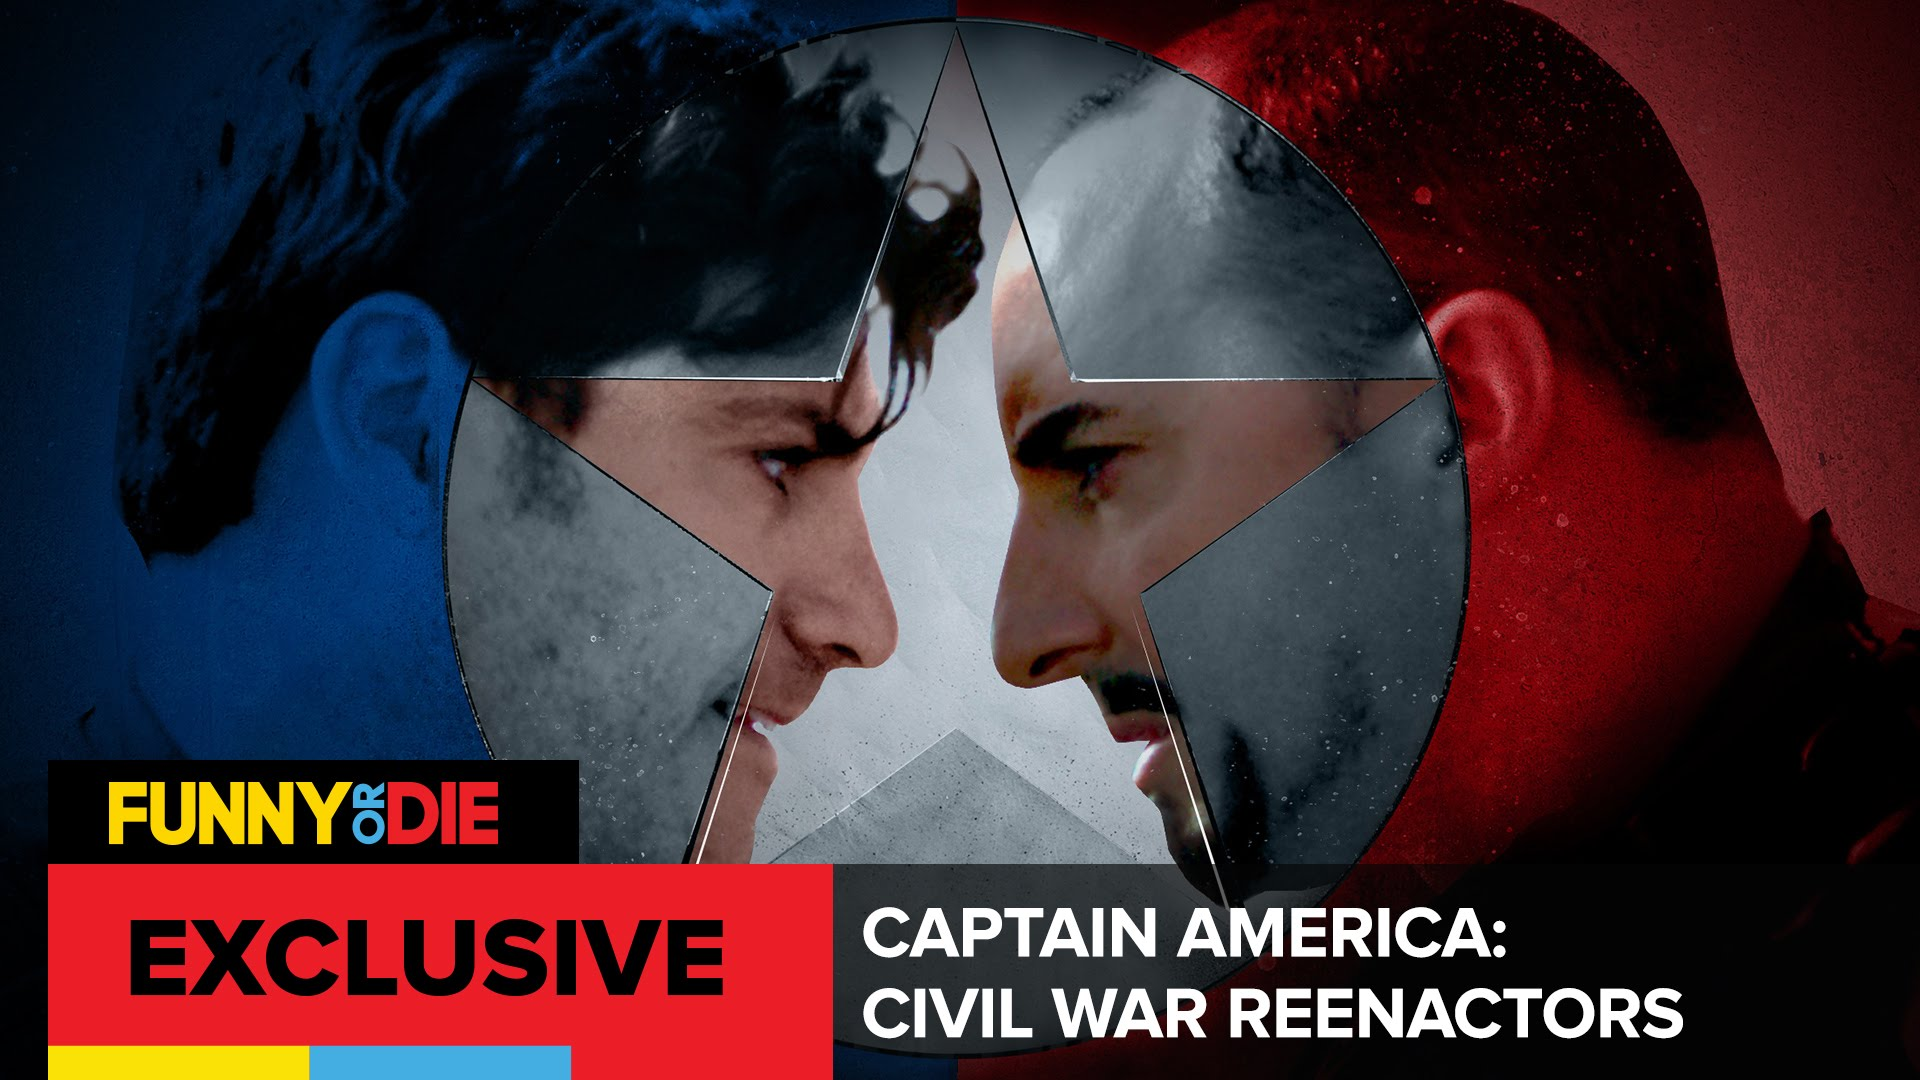 Captain America Civil War Reenactors